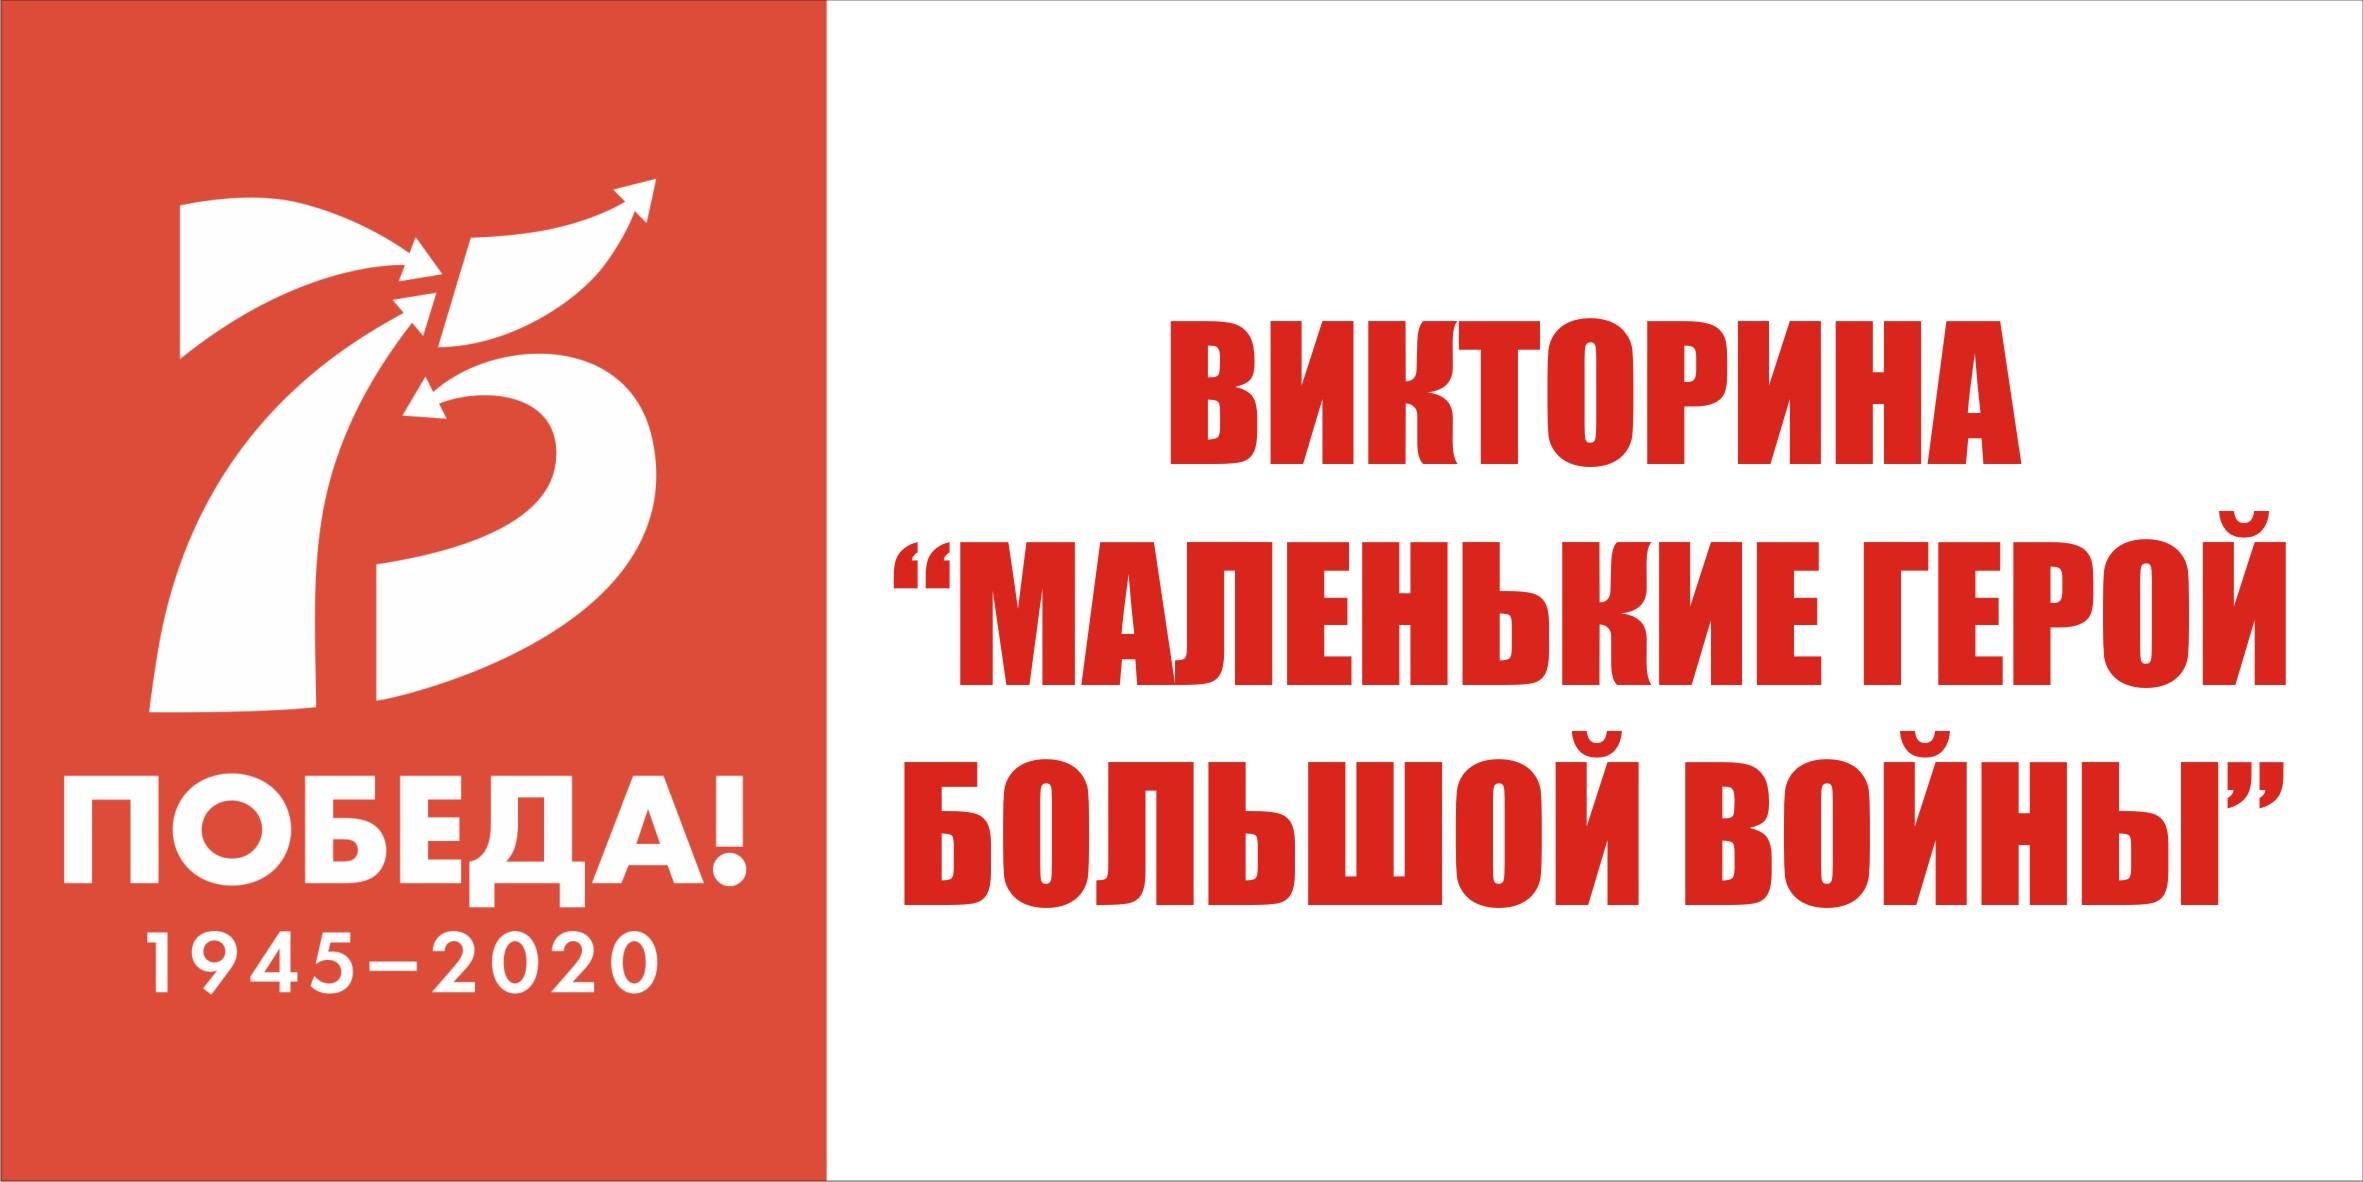 Юбилею Победы в ВОв 1941-1945 гг. посвящается...